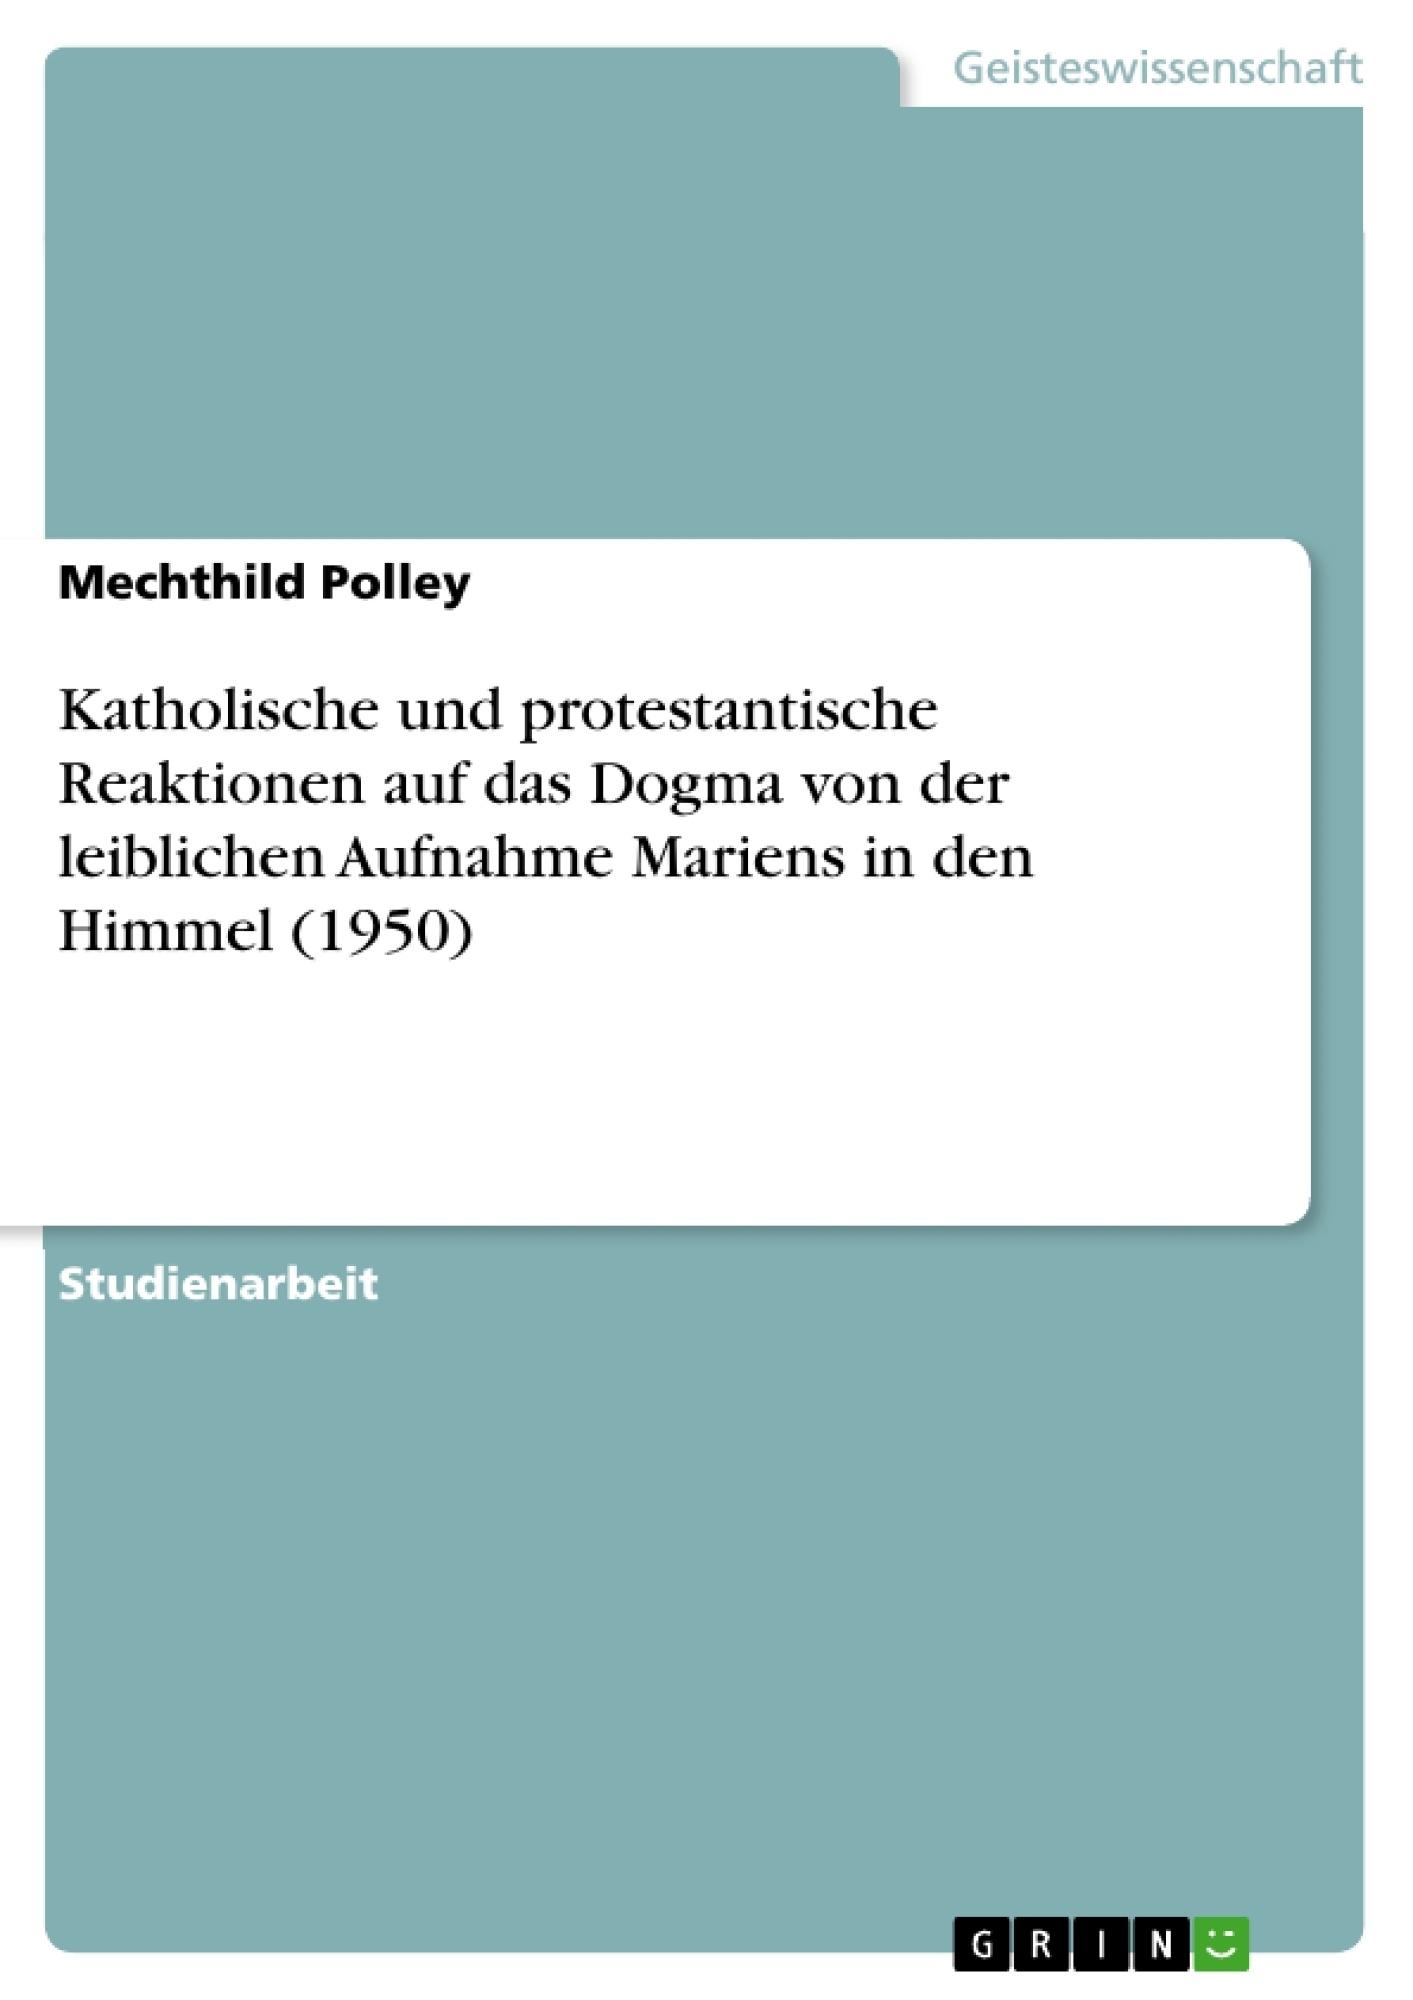 Titel: Katholische und protestantische Reaktionen auf das Dogma von der leiblichen Aufnahme Mariens in den Himmel (1950)